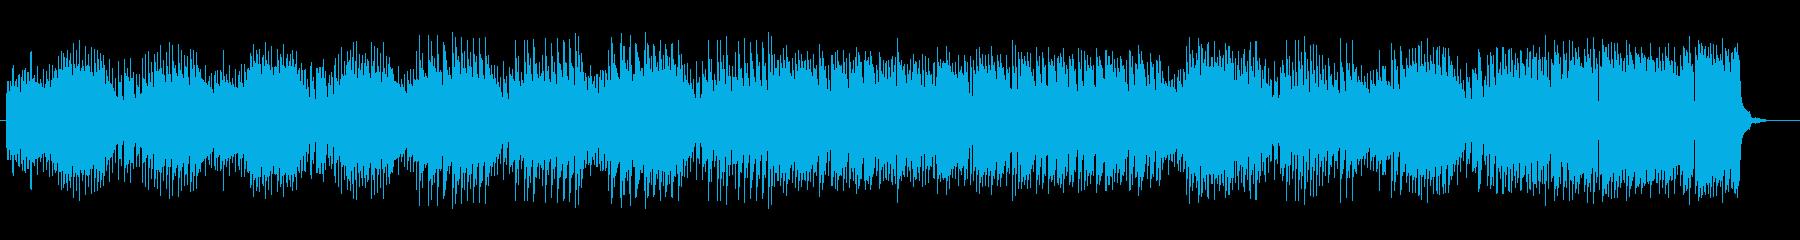 レトロ調のデジタルポップスの再生済みの波形